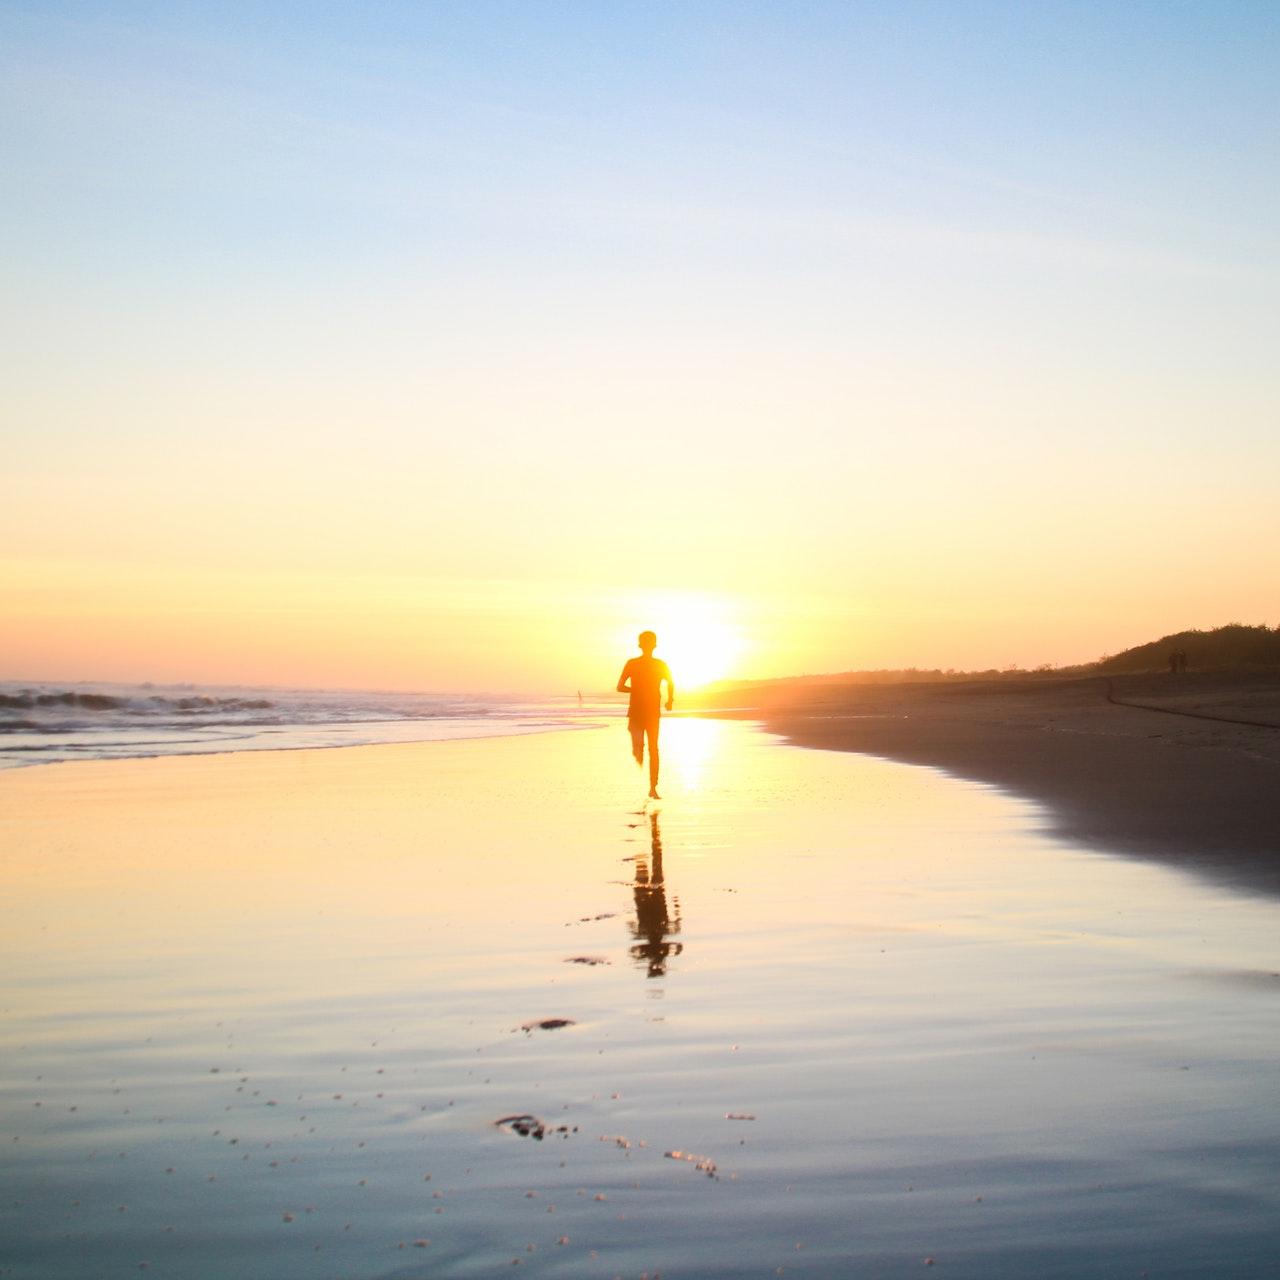 løber på stranden